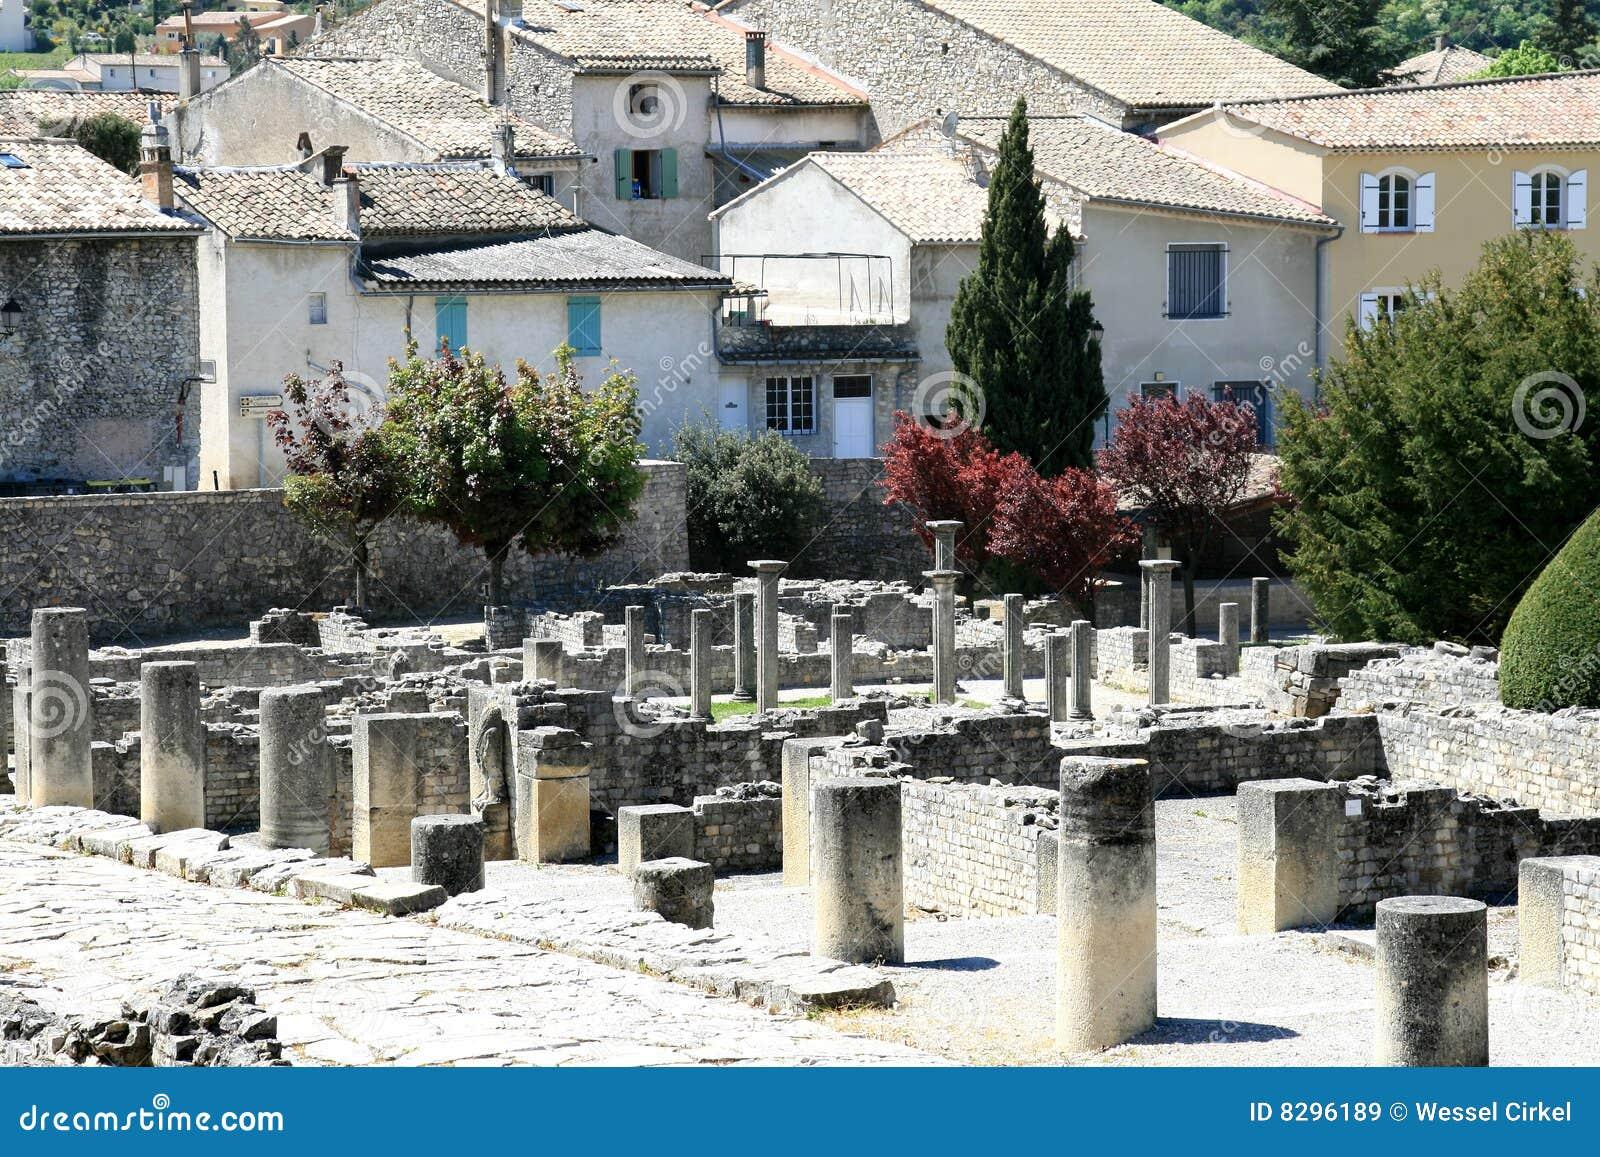 Römische Ruinen in der französischen Provence